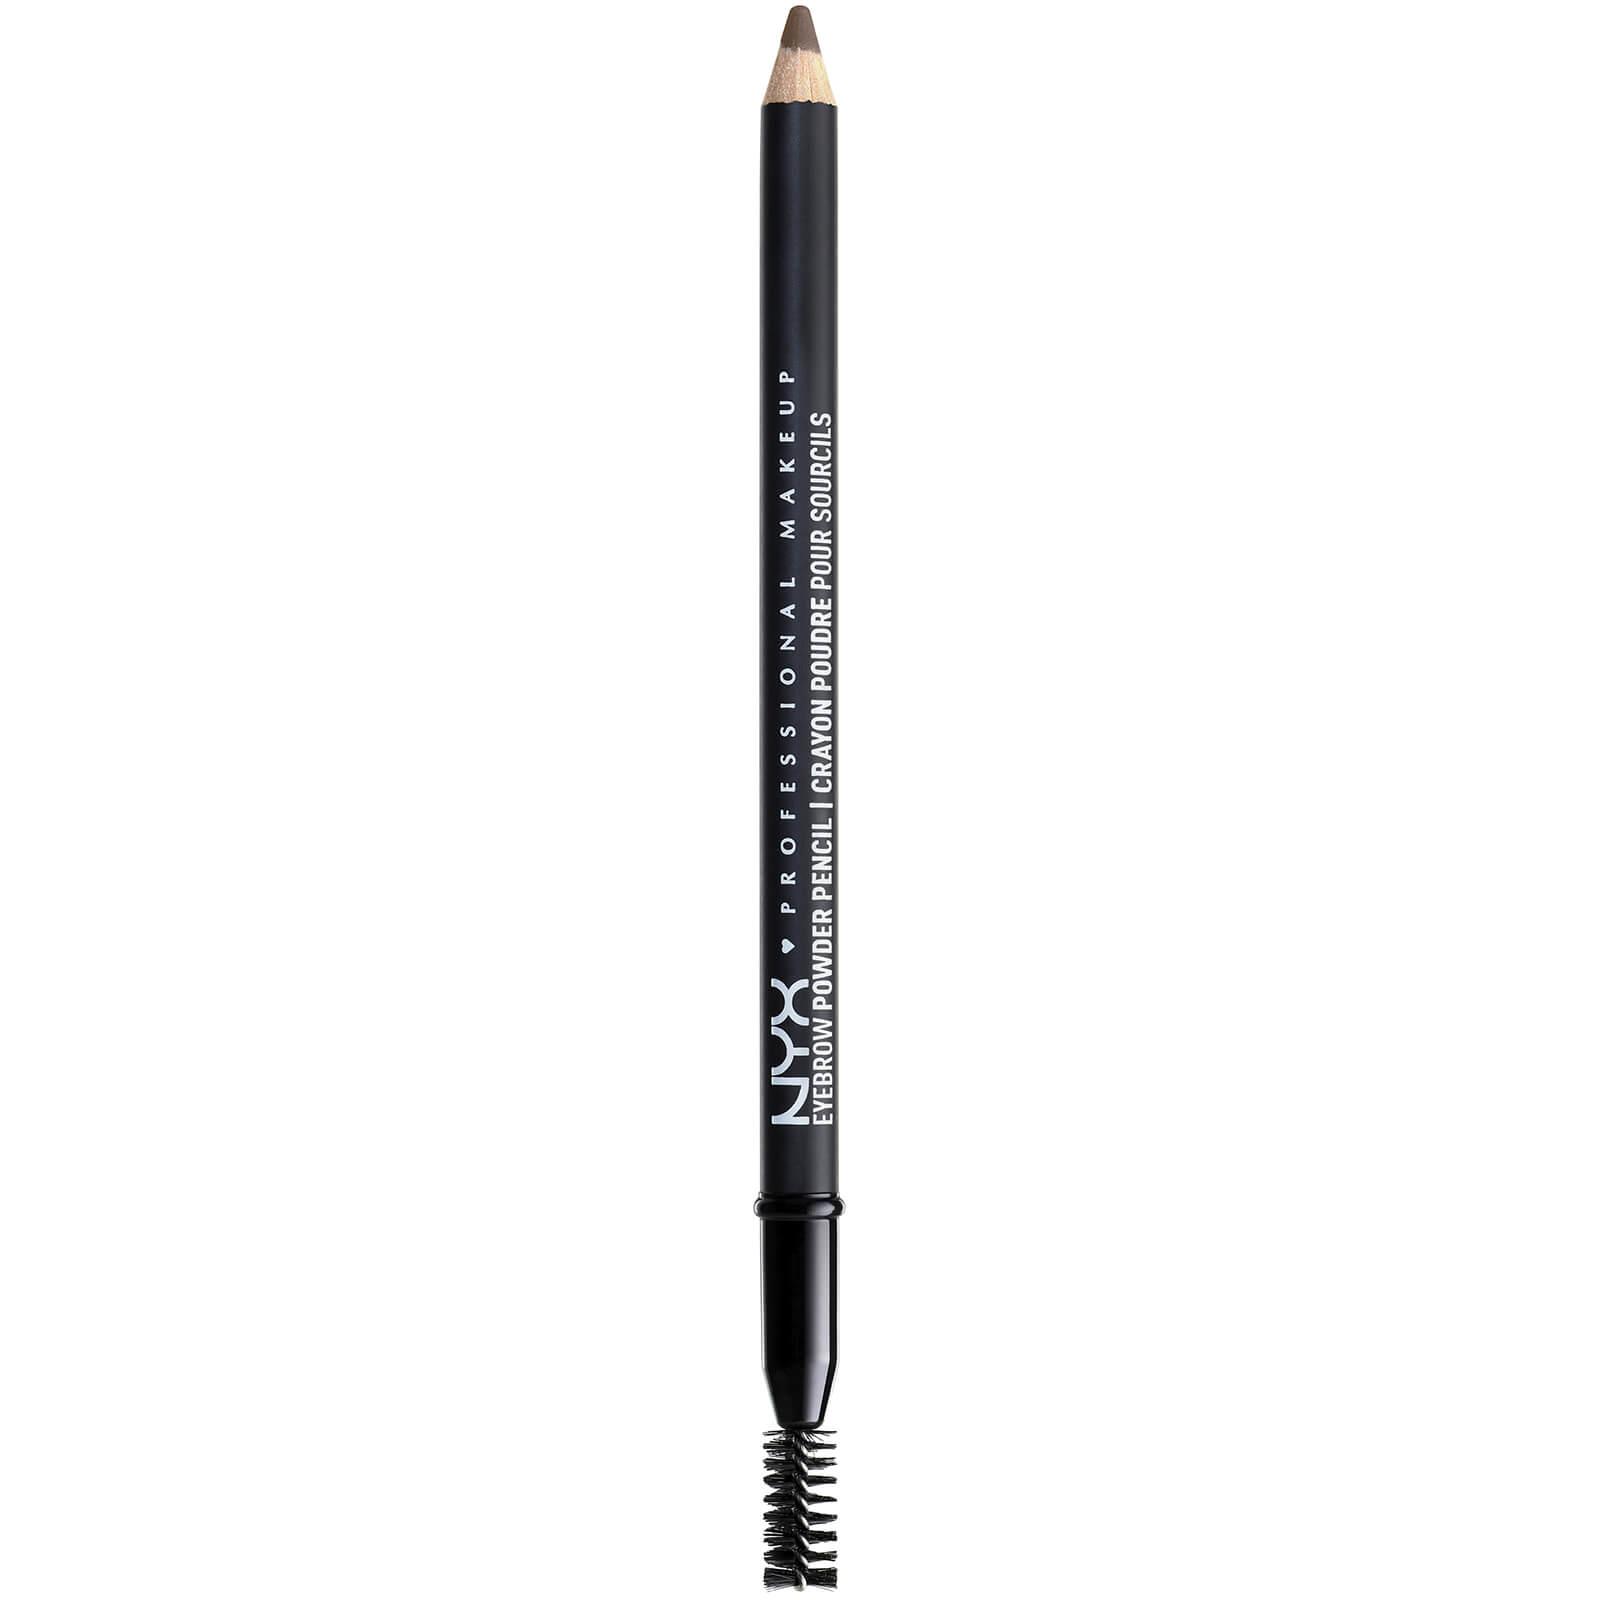 Купить Пудровый карандаш для бровей NYX Professional Makeup Eyebrow Powder Pencil (различные оттенки) - Espresso